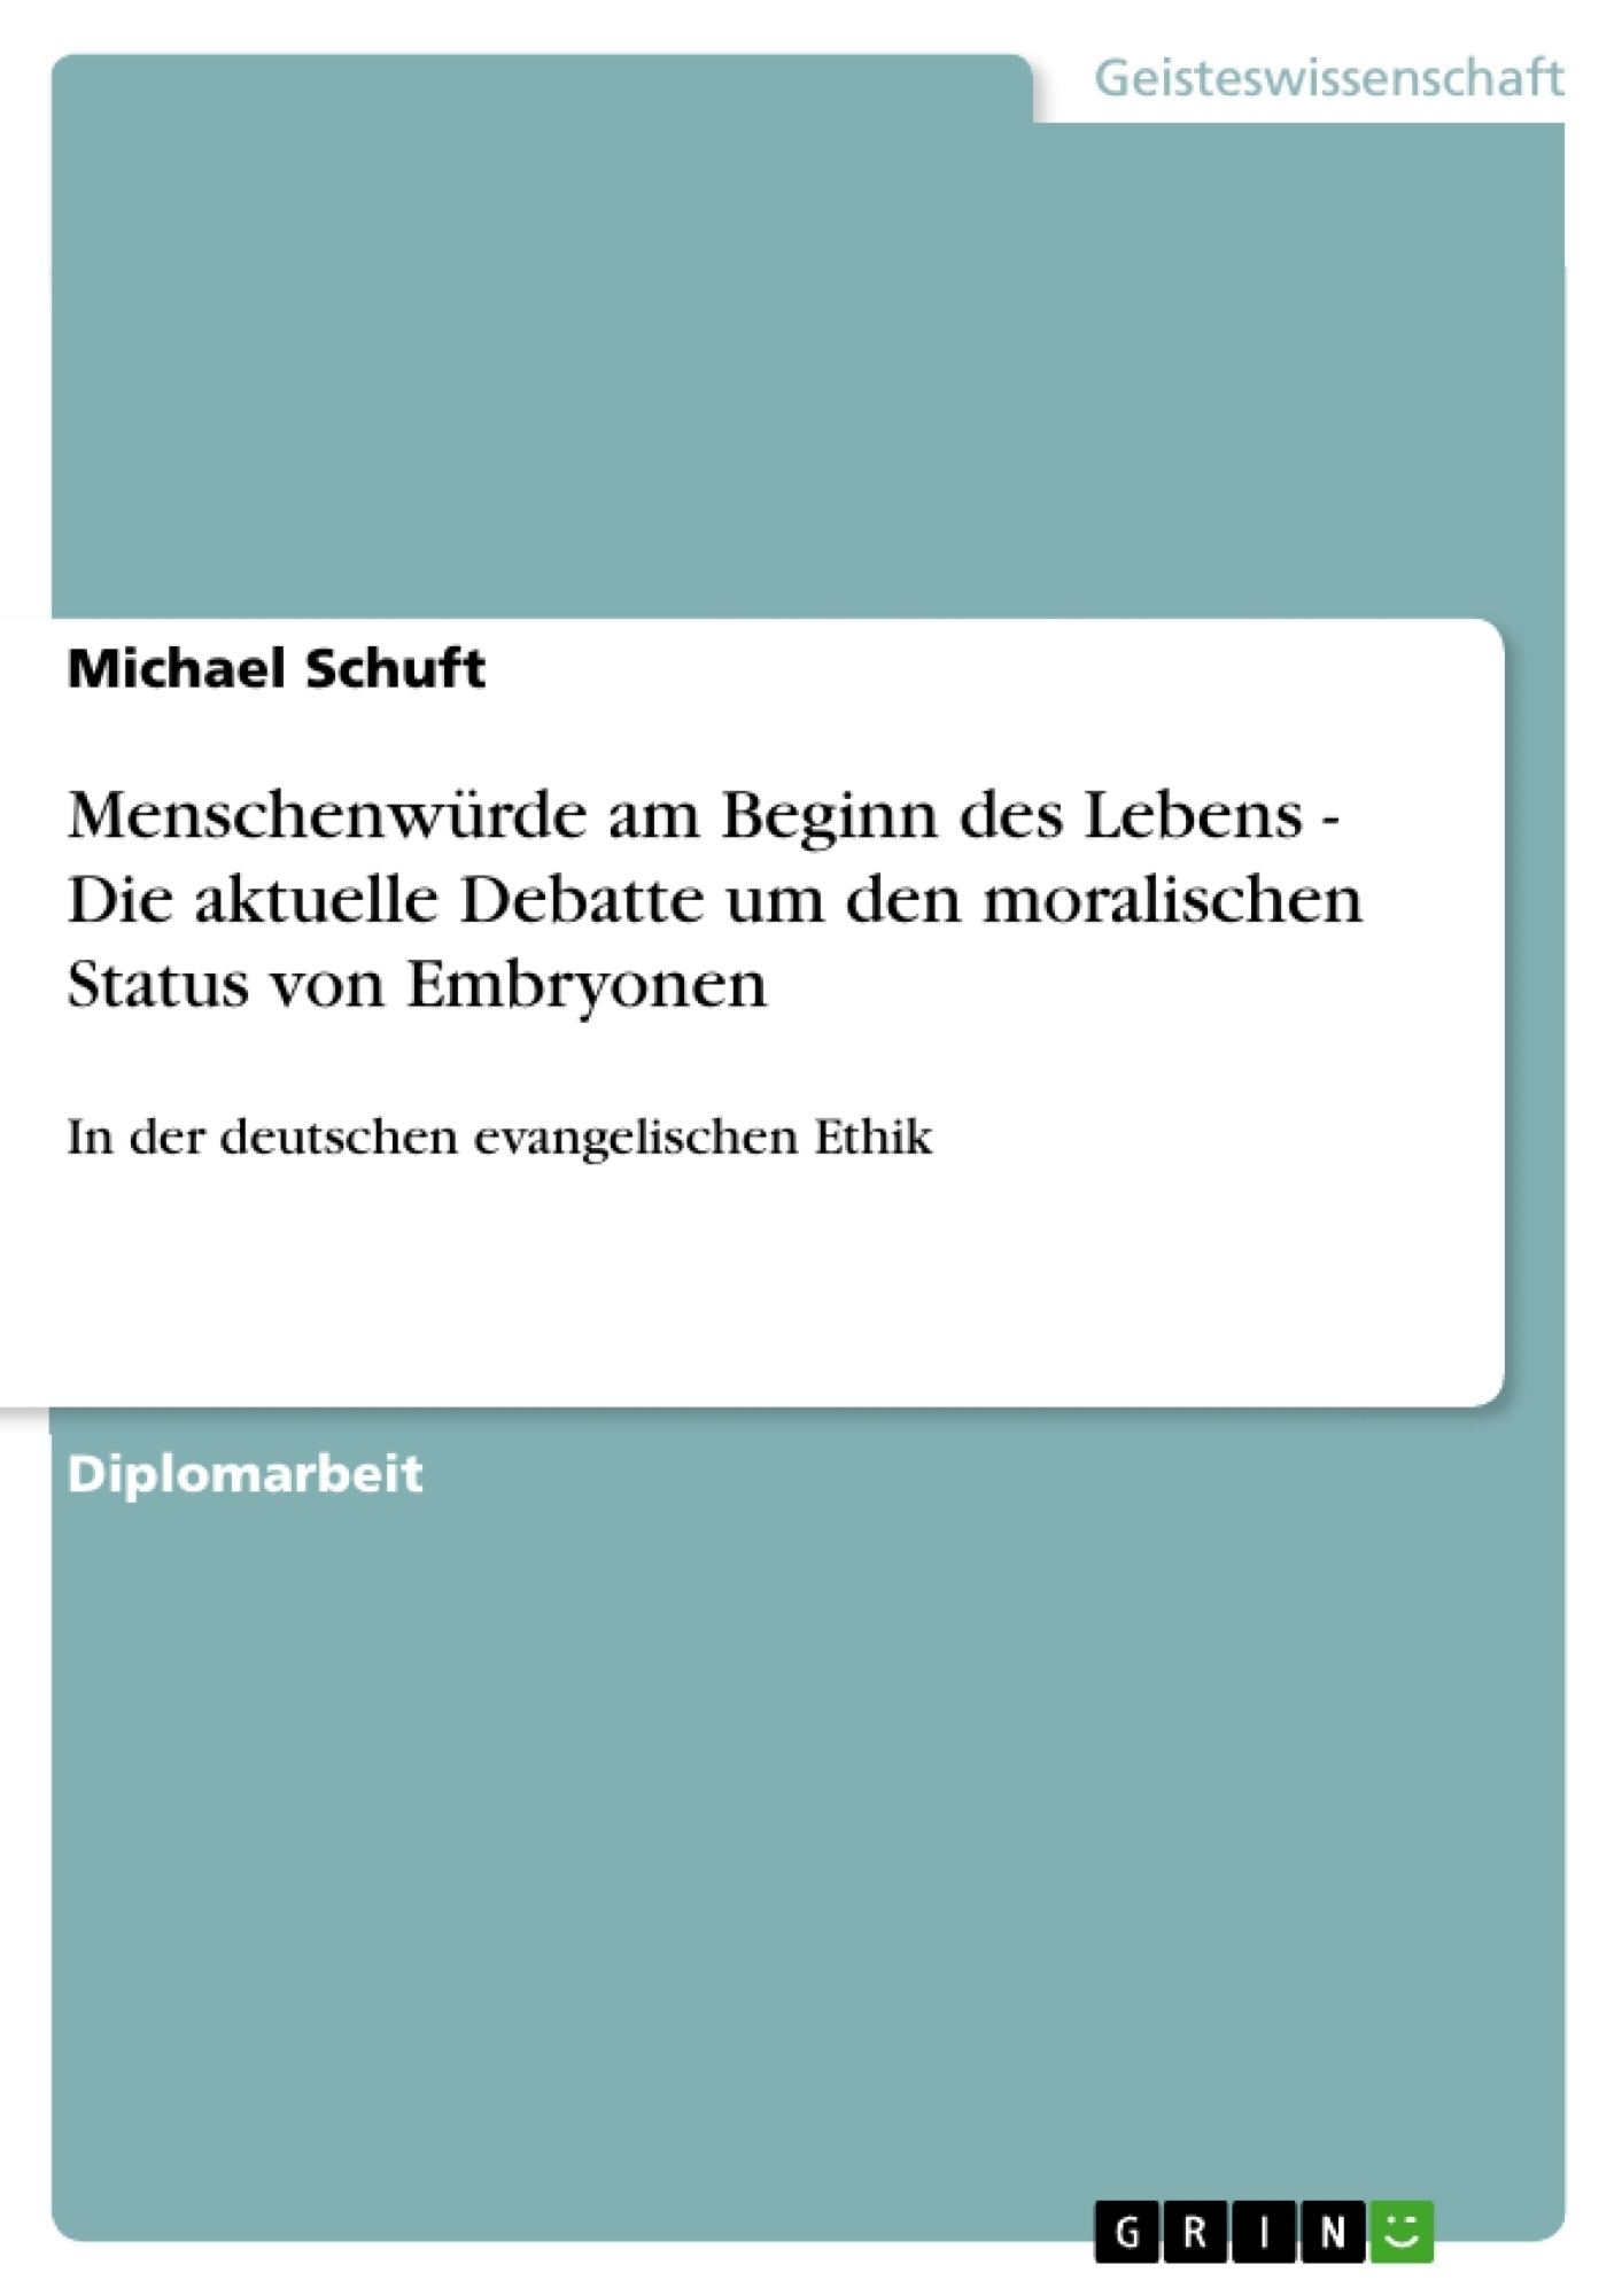 Titel: Menschenwürde am Beginn des Lebens - Die aktuelle Debatte um den moralischen Status von Embryonen